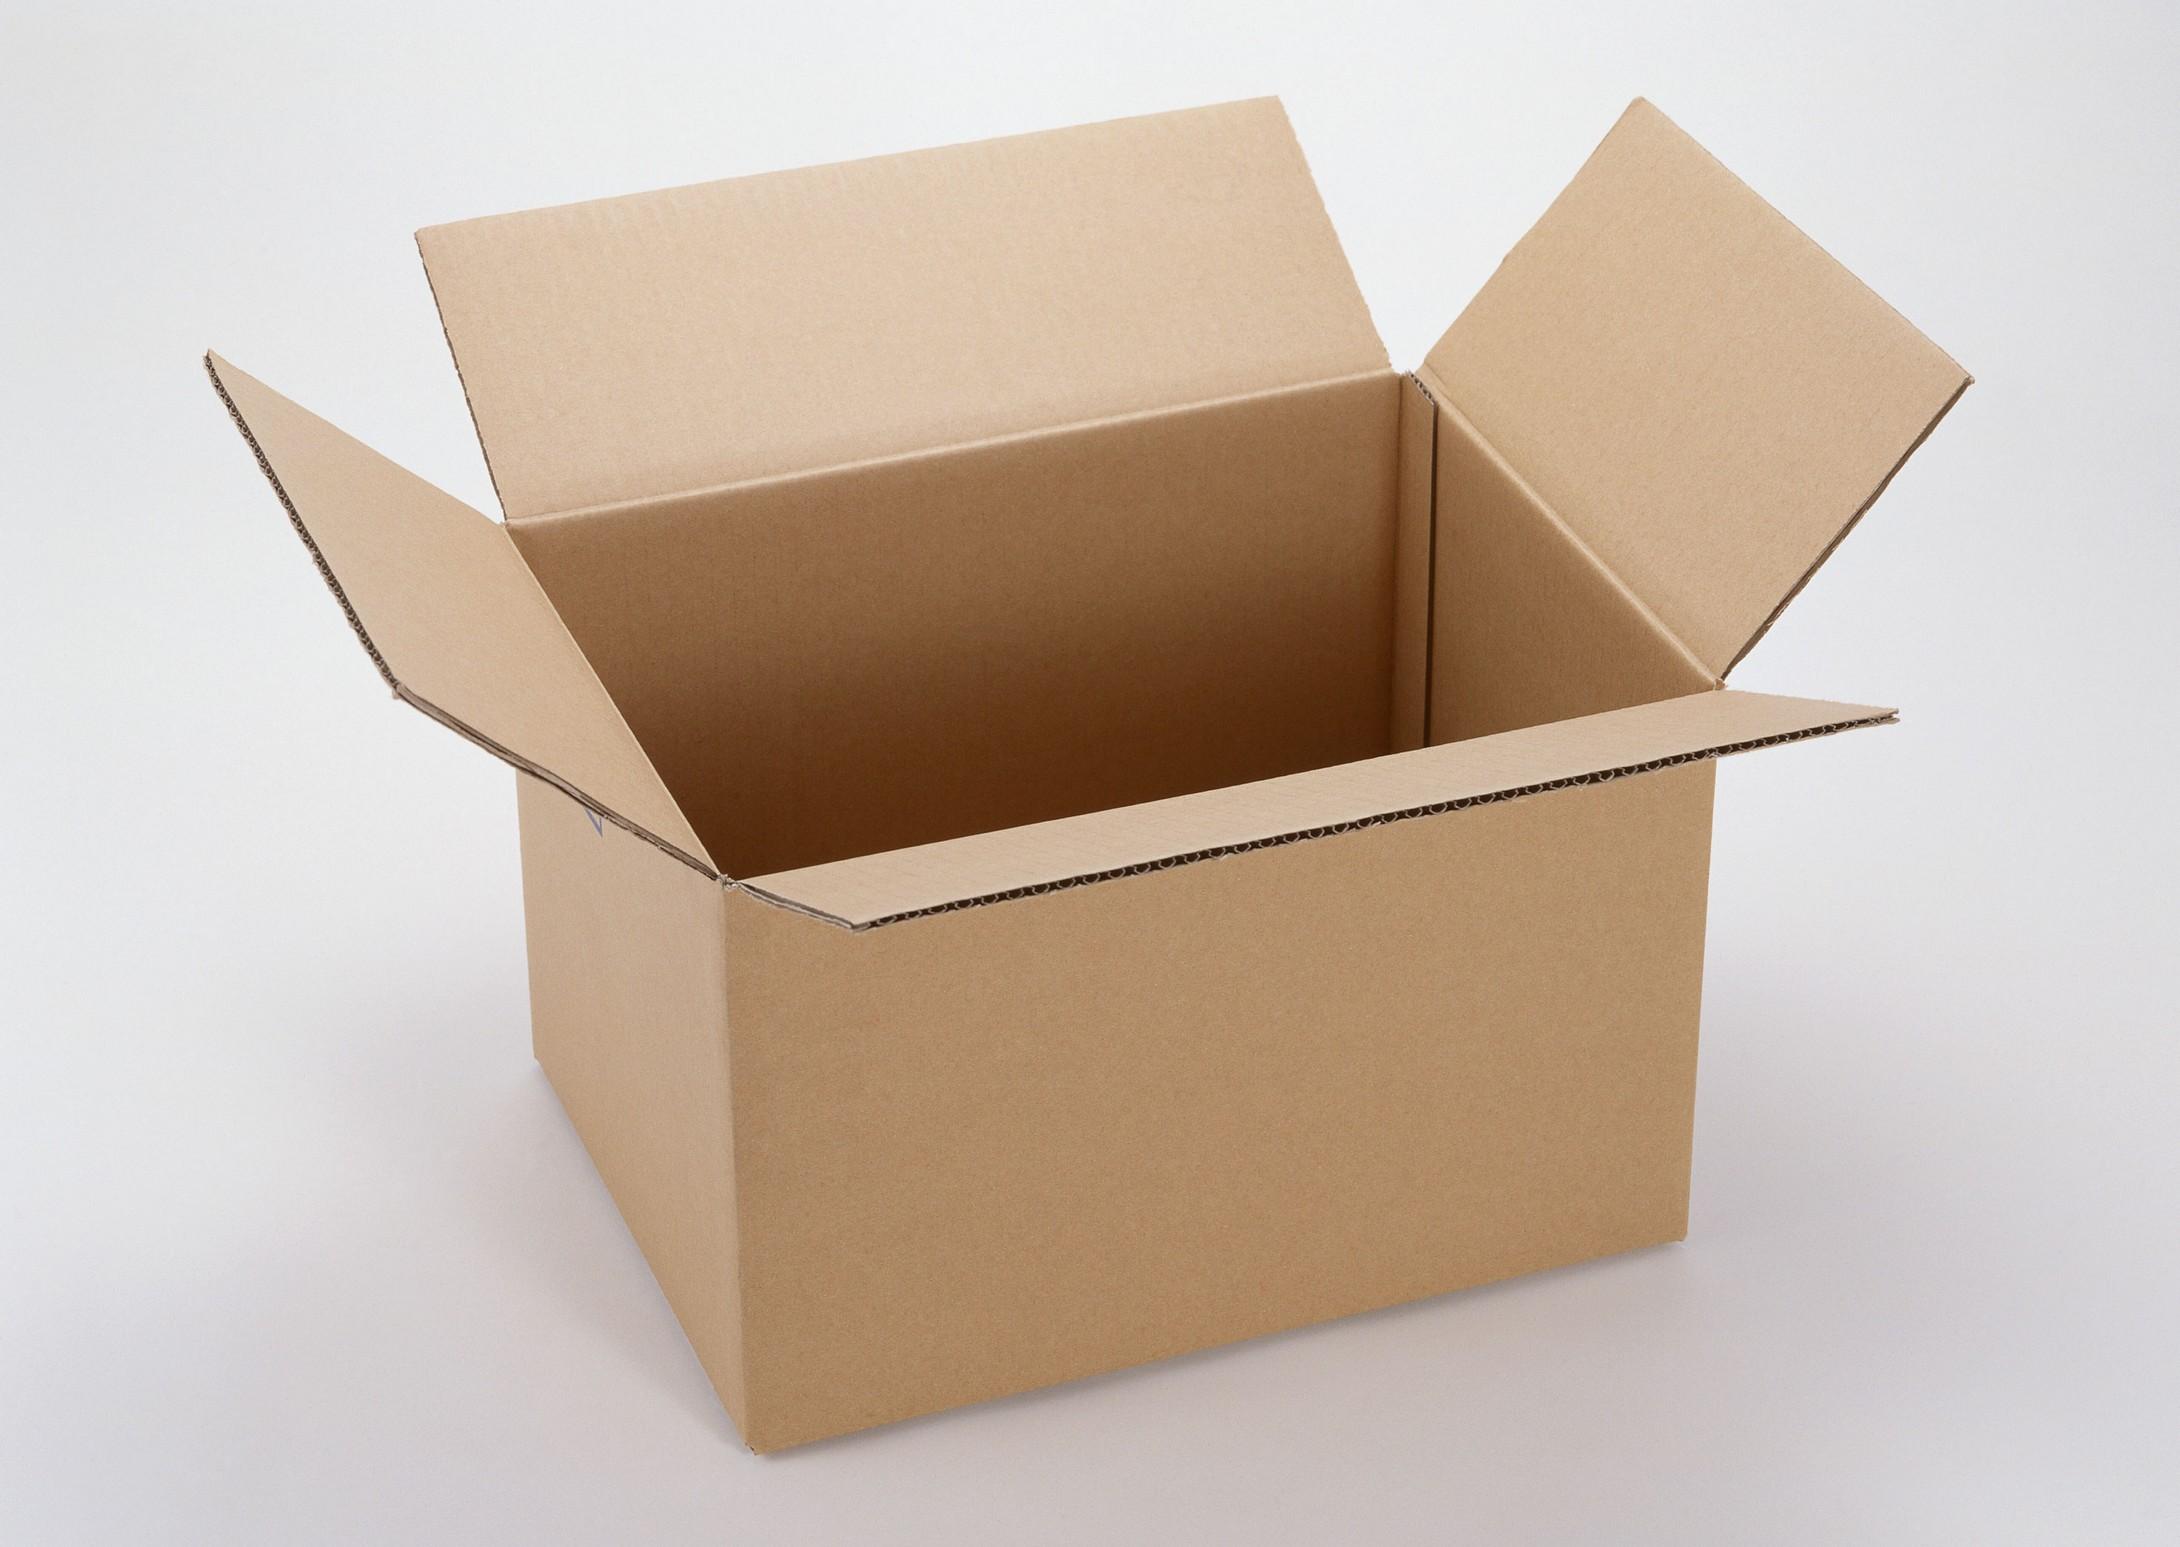 哈尔滨哪里有纸箱批发市场_中国进口浆价继续走低 收窄与期货之间价差